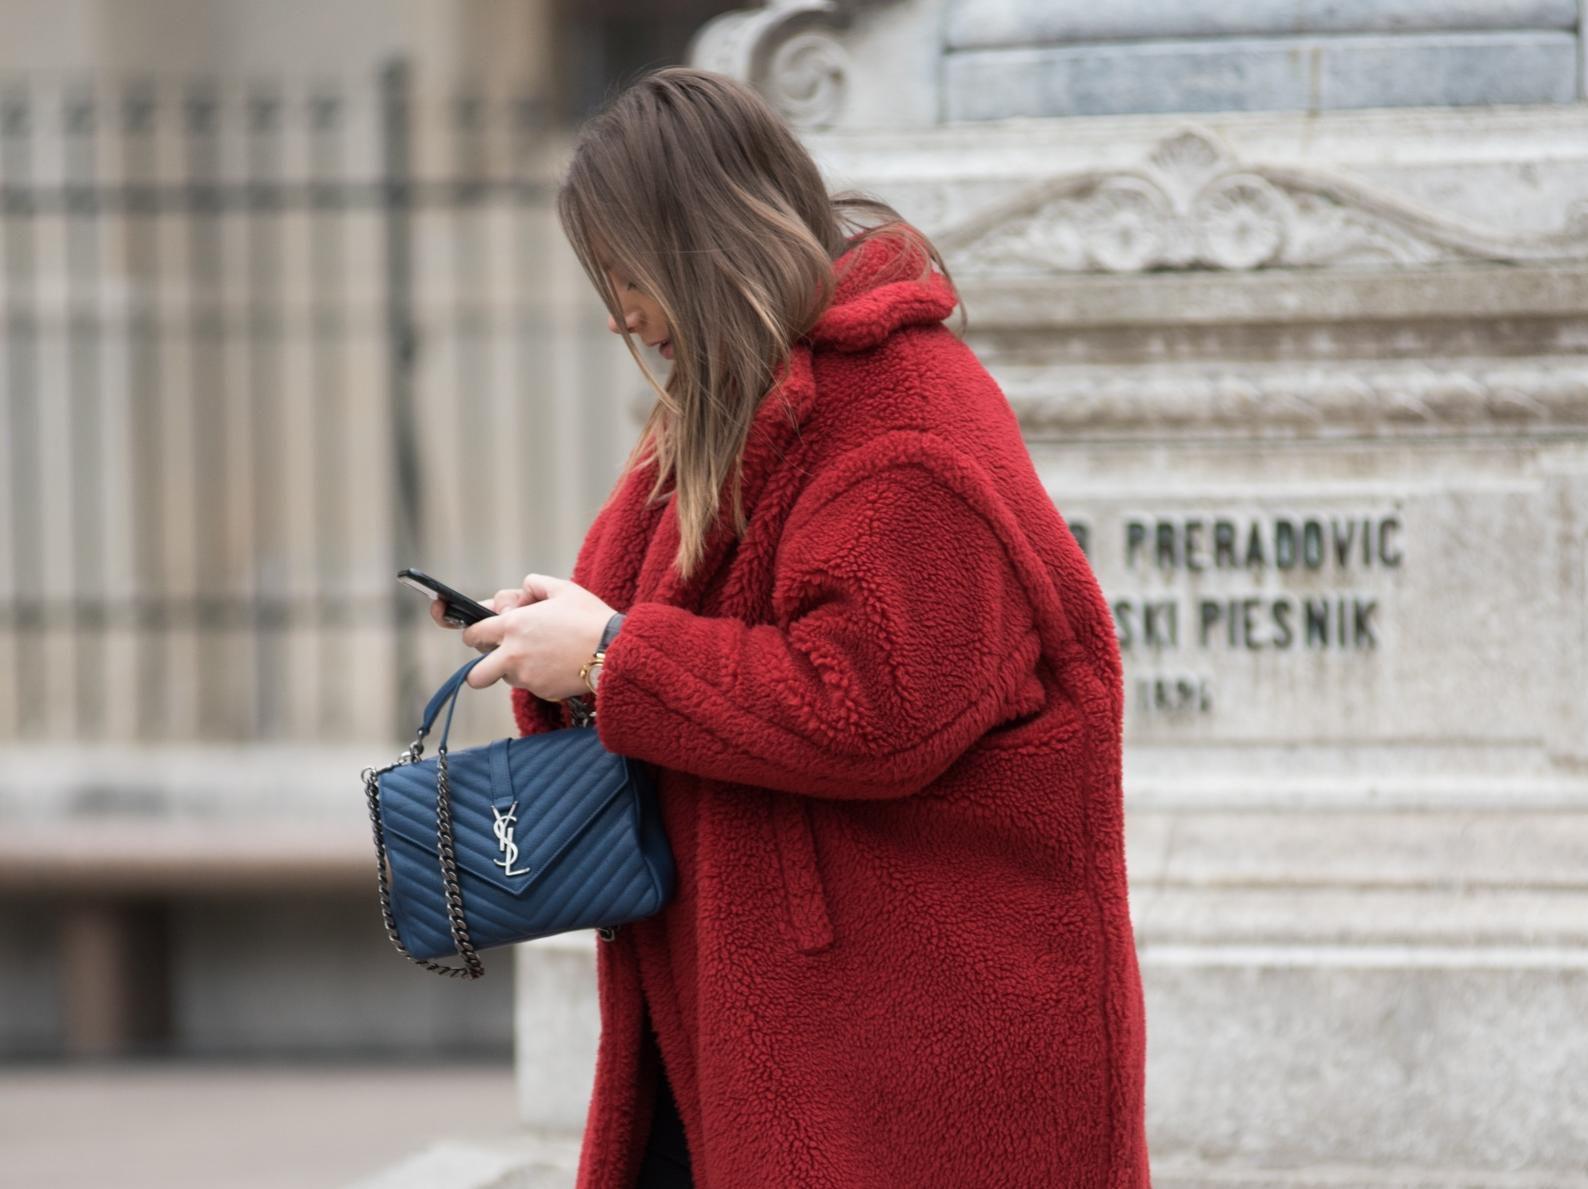 Ova trendseterica nosi omražene tenisice, ali i dizajnersku torbicu koja se mnogima nalazi na listi želja